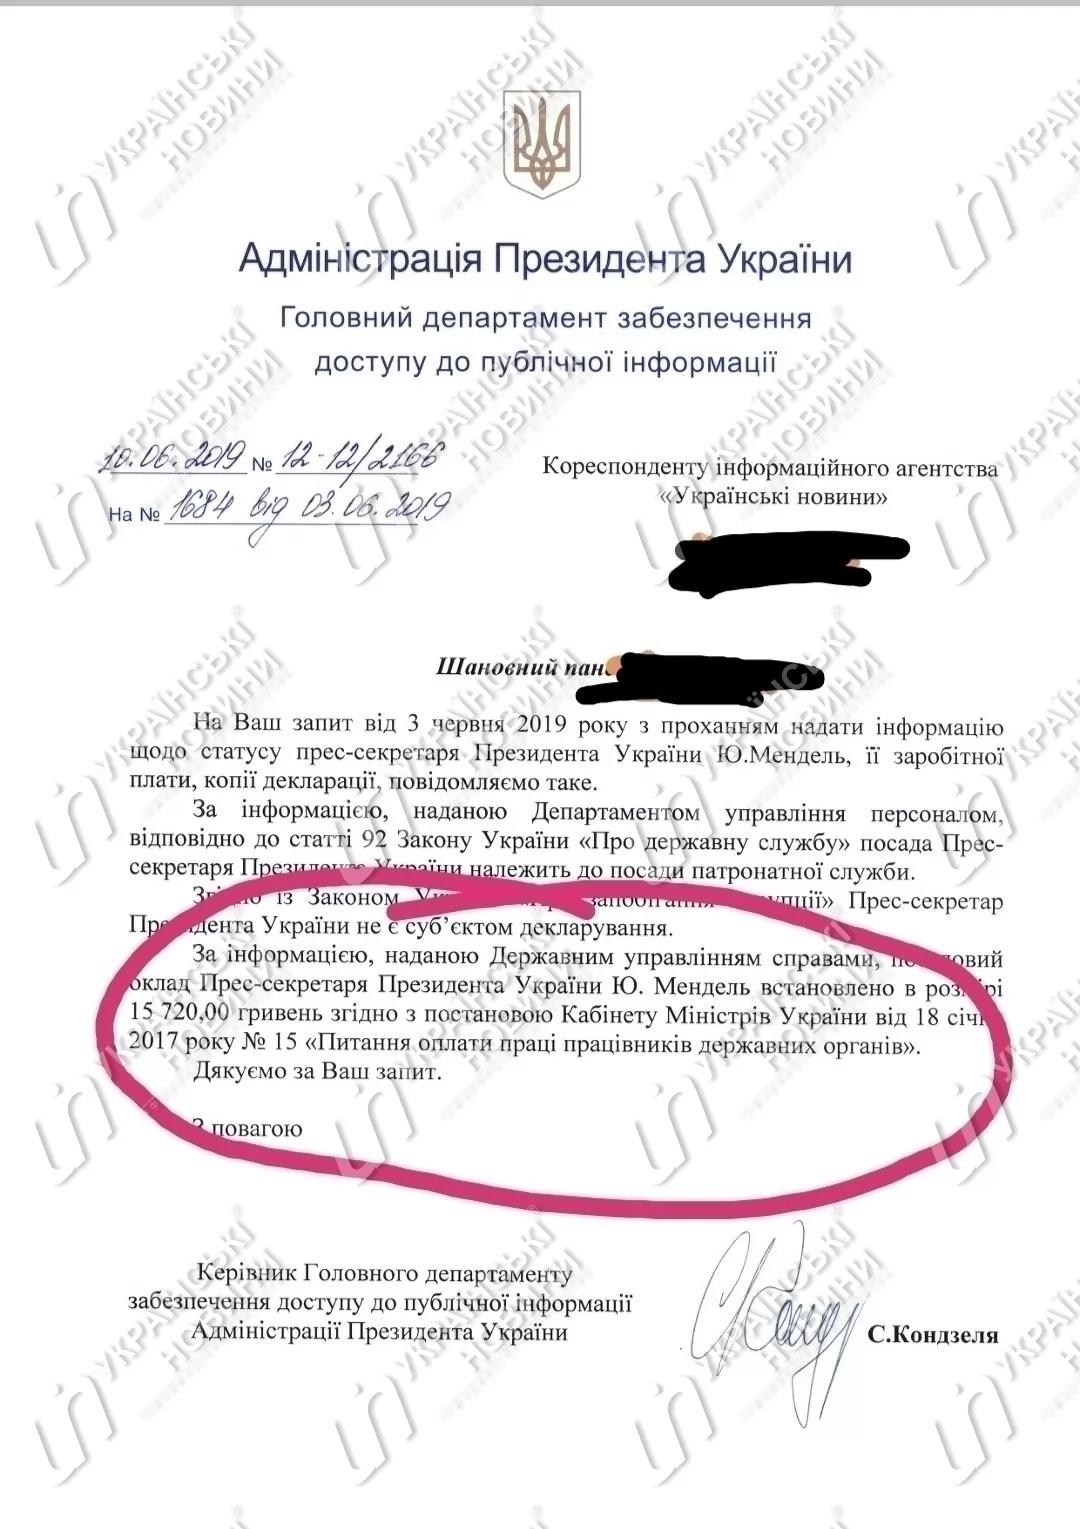 У Зеленського назвали суму посадового окладу прес-секретаря Юлії Мендель